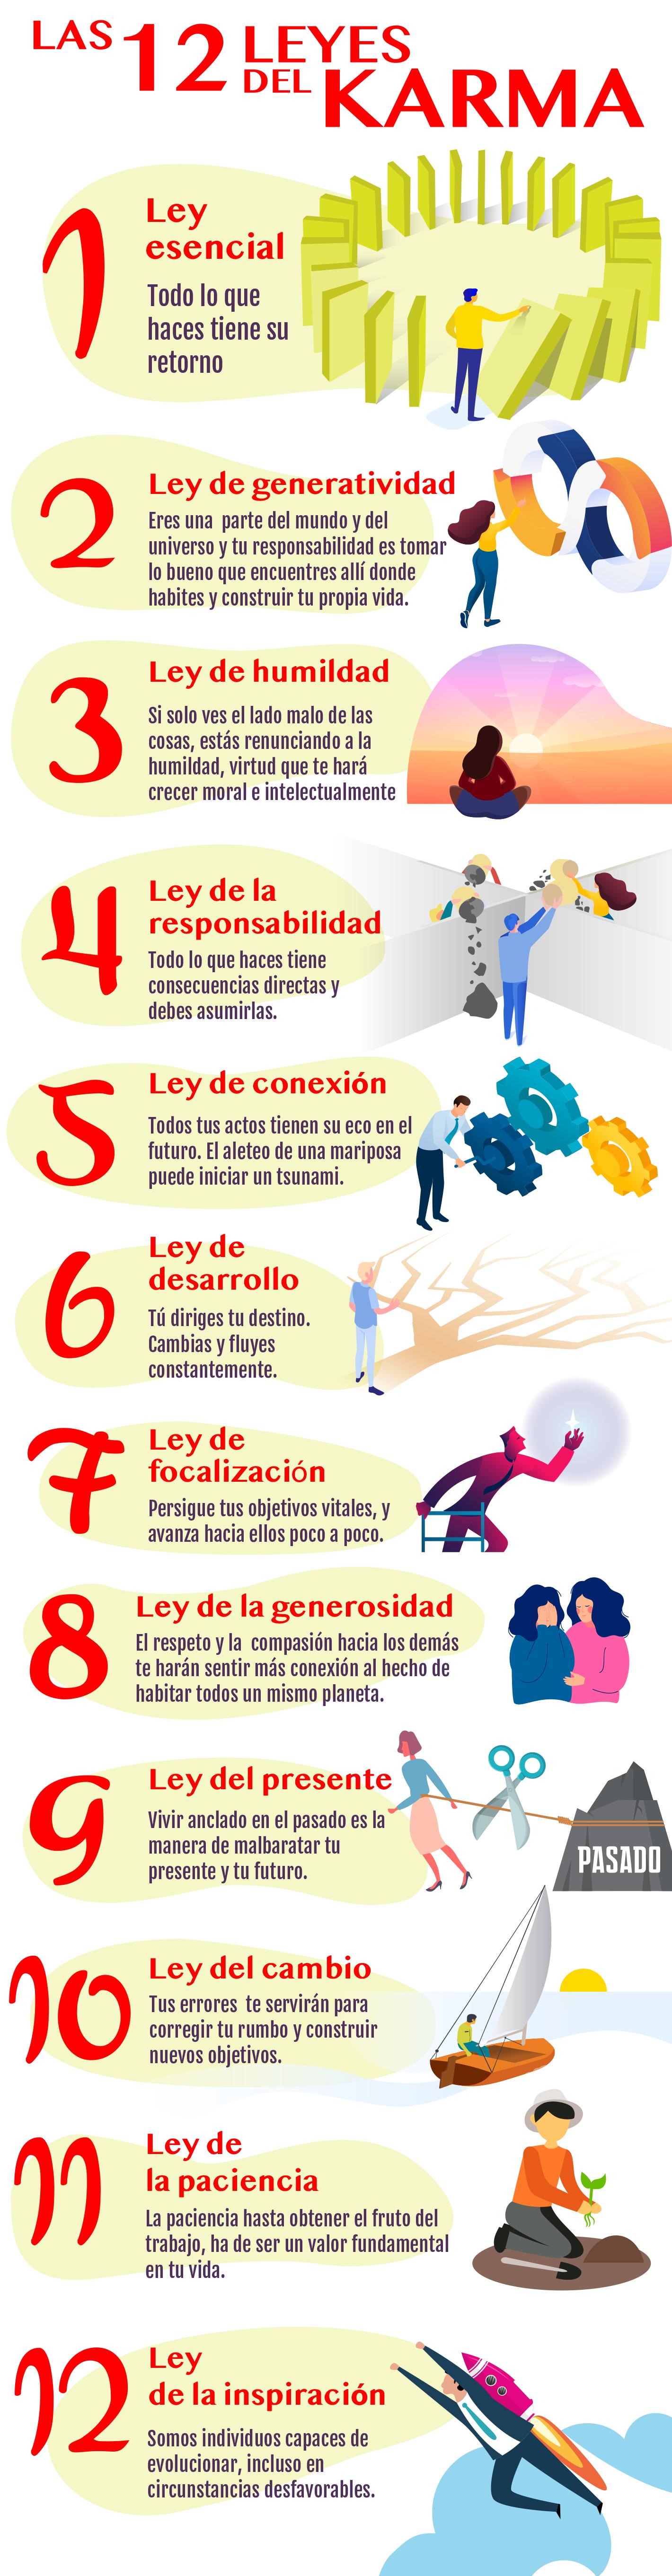 Las 12 leyes del Karma